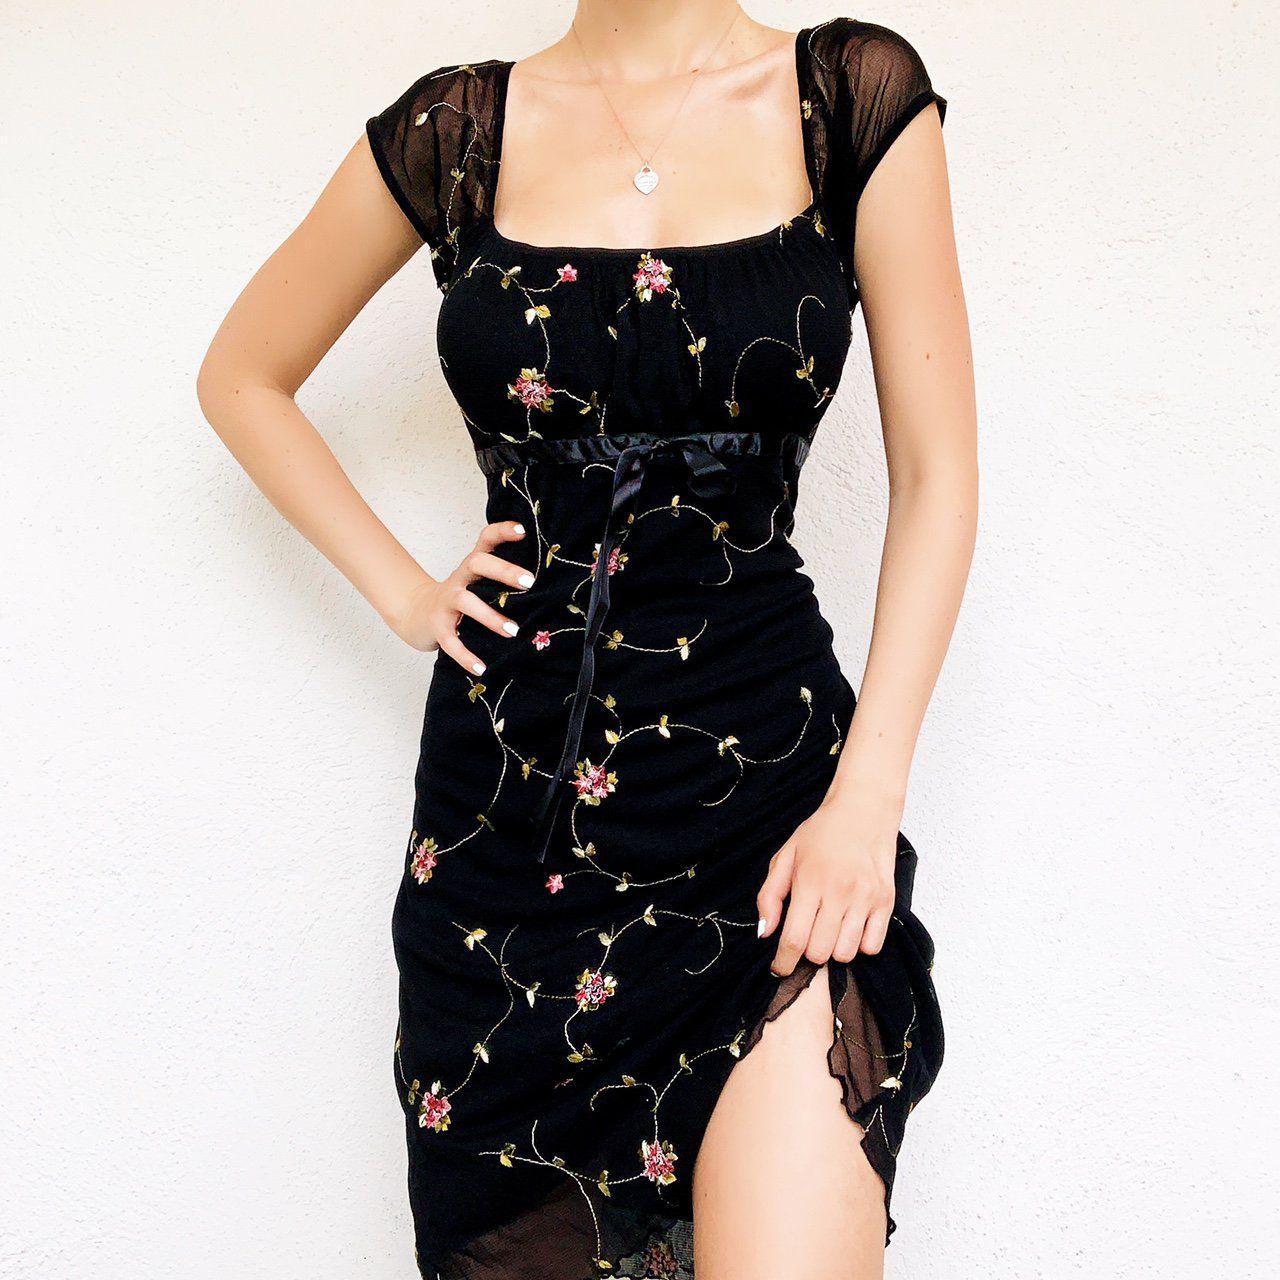 From Carolannie On Depop 90s Vintage Dainty Floral Embroidered Dress Floral Dress Black Dresses Floral Dress [ 1280 x 1280 Pixel ]